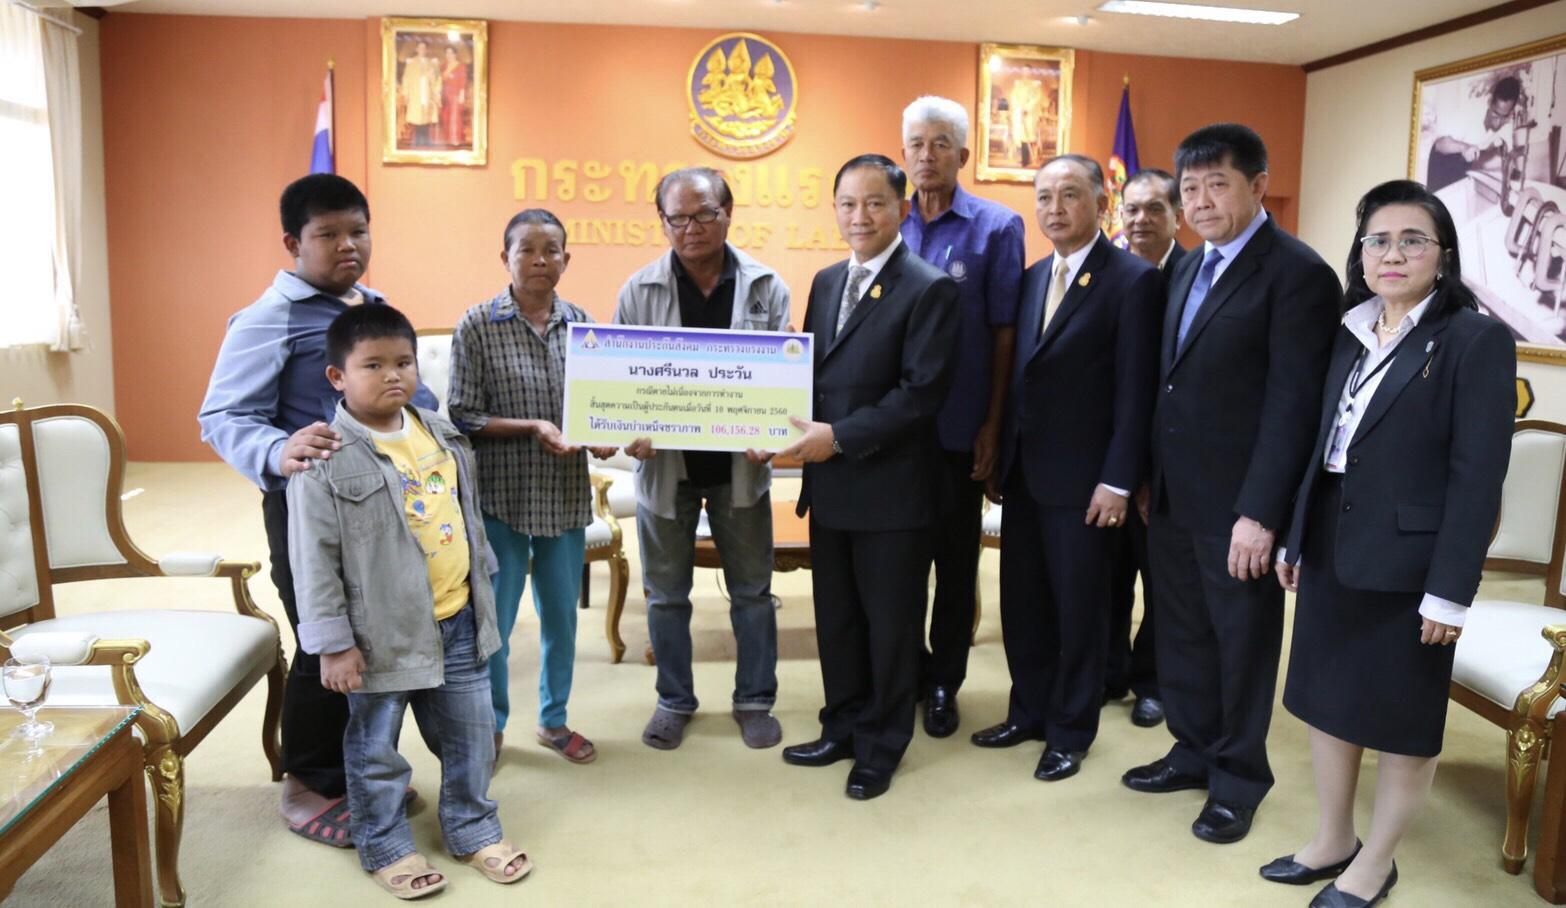 รมว. แรงงานมอบเงินสมทบบำเหน็จชราภาพแก่ทายาท แรงงานไทยเสียชีวิตที่เกาหลีใต้ จำนวน 106,156.28 บาท